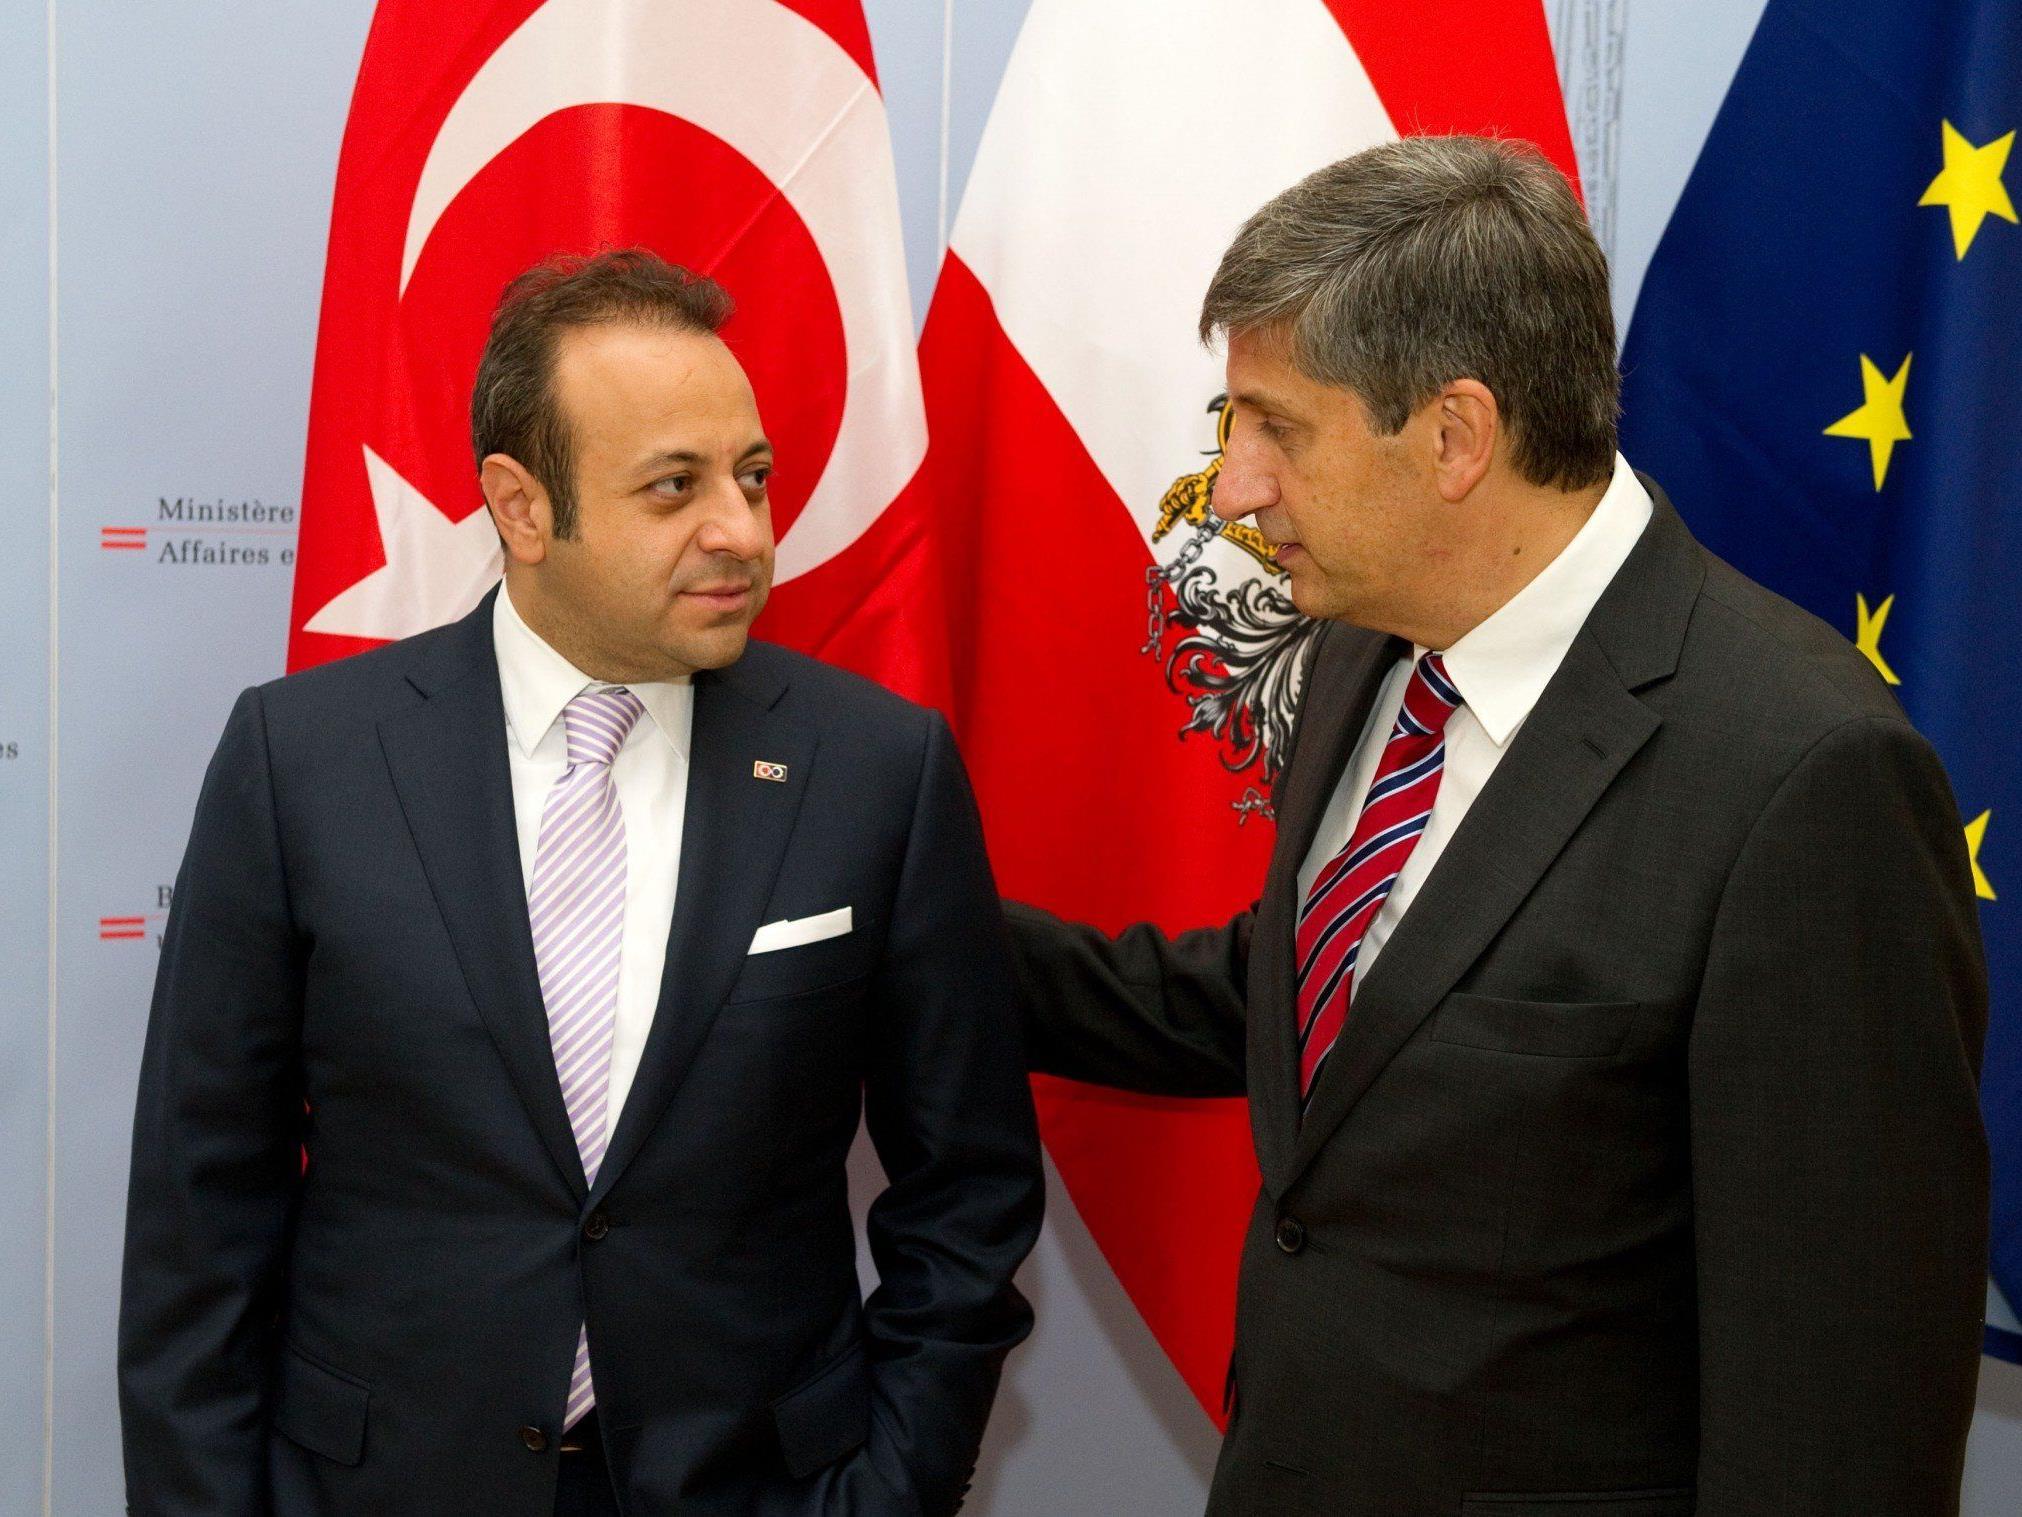 Bagis (l.) bei einem Besuch im Außenministerium im Jahre 2011.